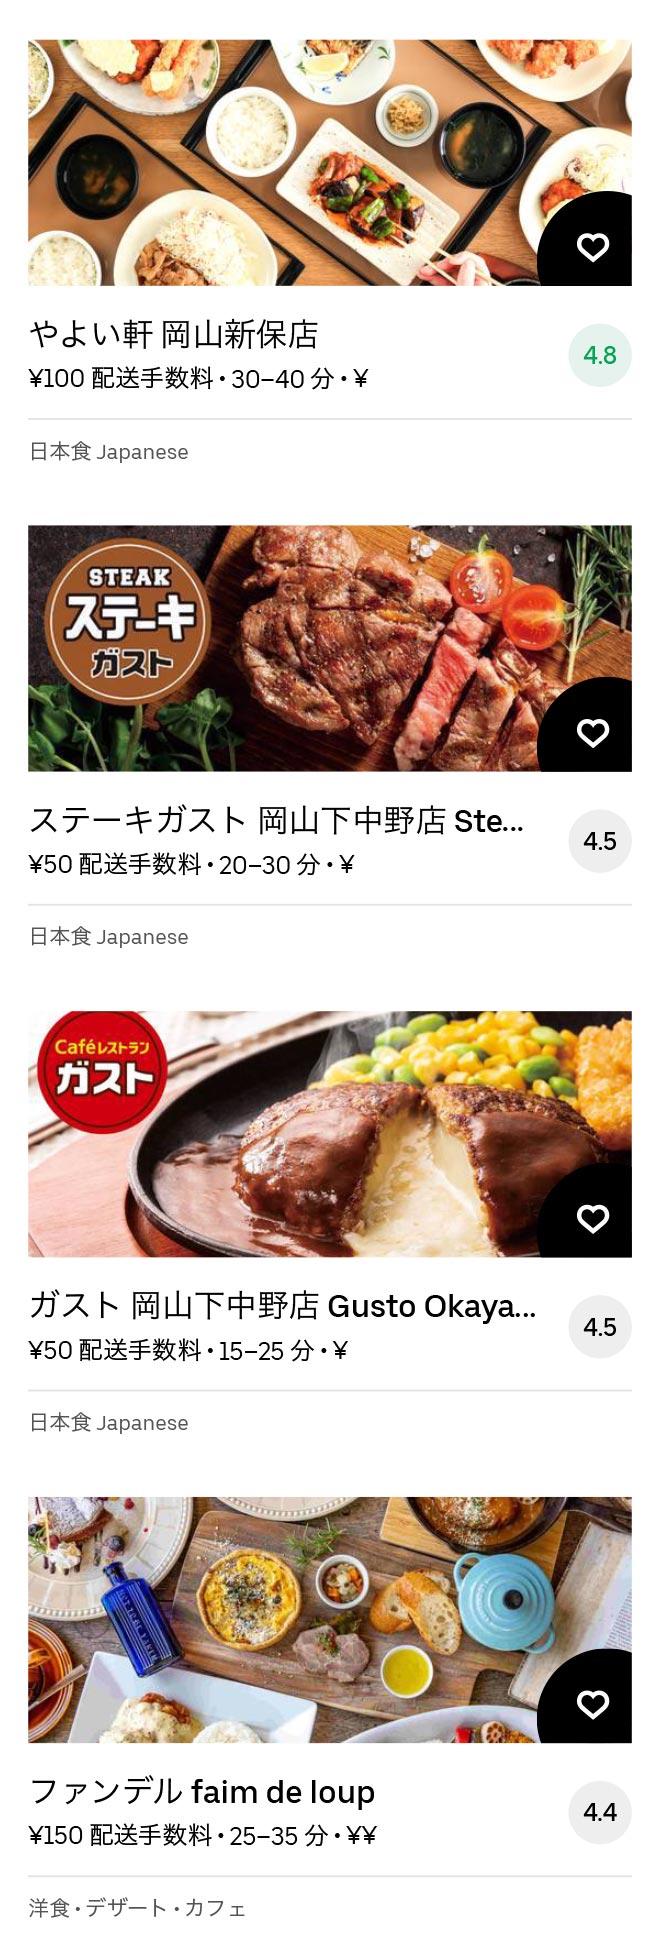 Bizen nishiichi menu 2011 06